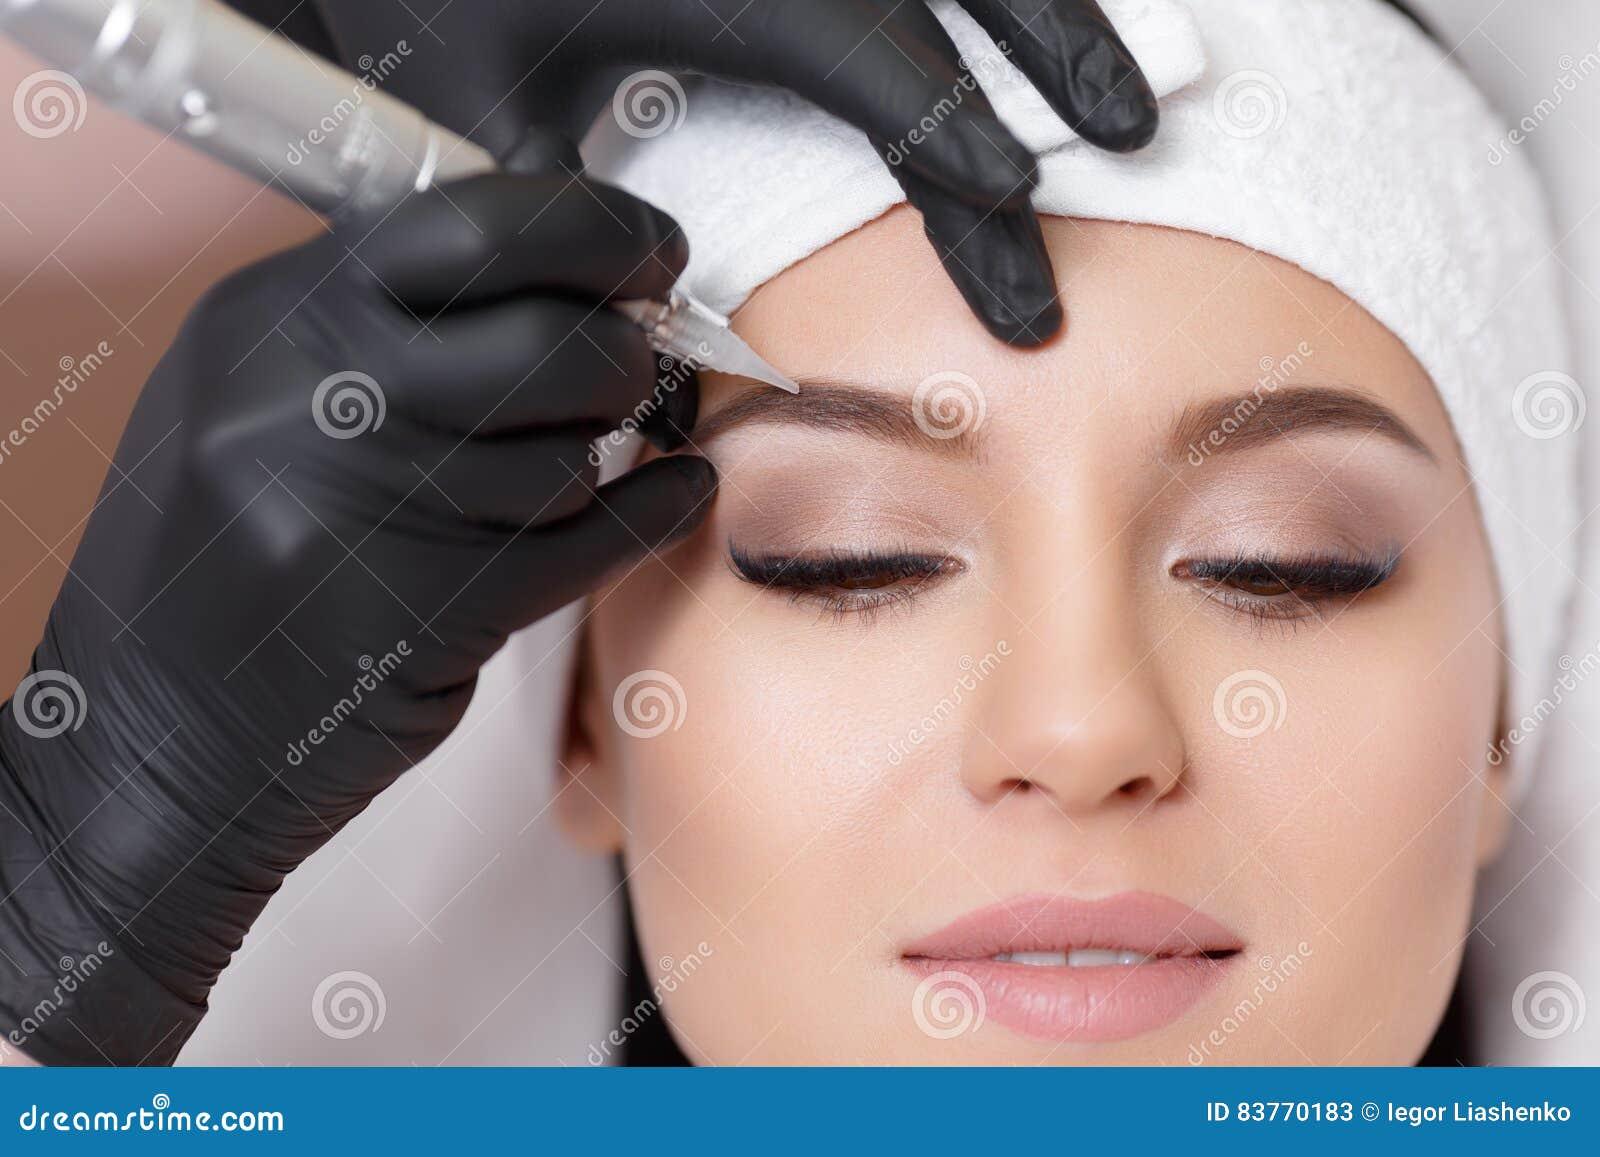 maquillage permanent tatouer des sourcils image stock image du renivellement beautician 83770183. Black Bedroom Furniture Sets. Home Design Ideas